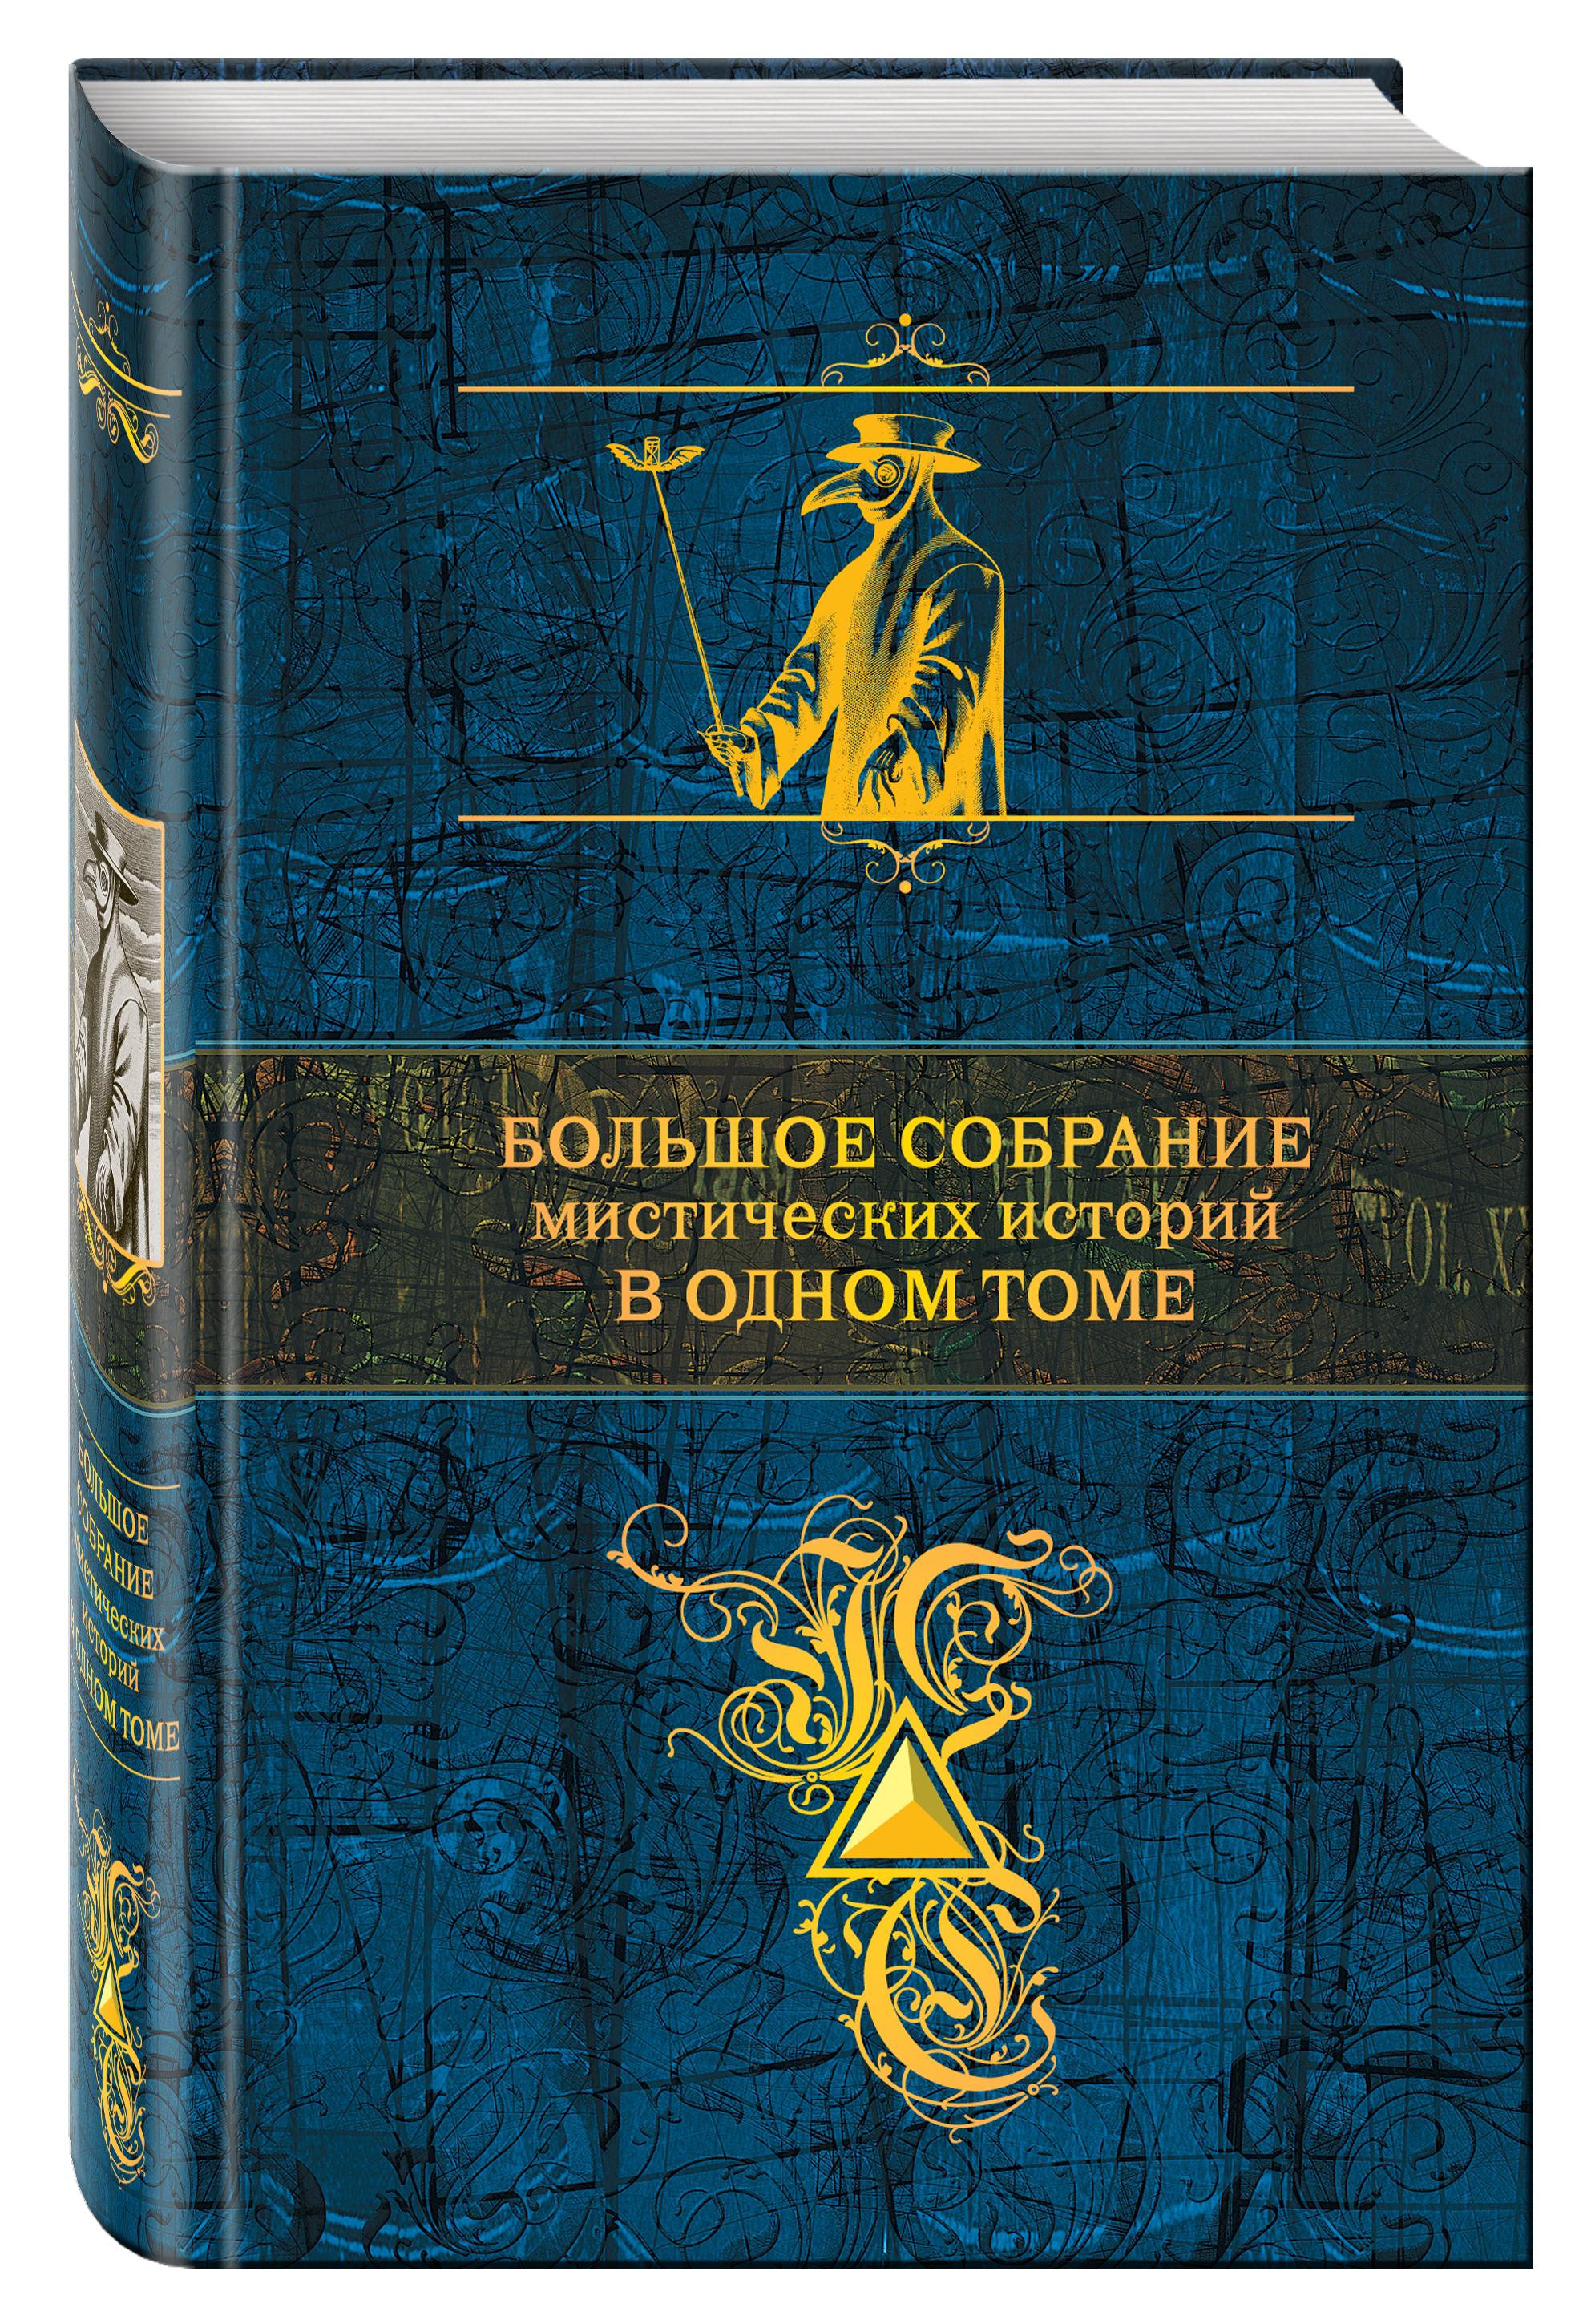 По Э.А., Стокер Б., Лавкрафт Г.Ф. и др. Большое собрание мистических историй в одном томе